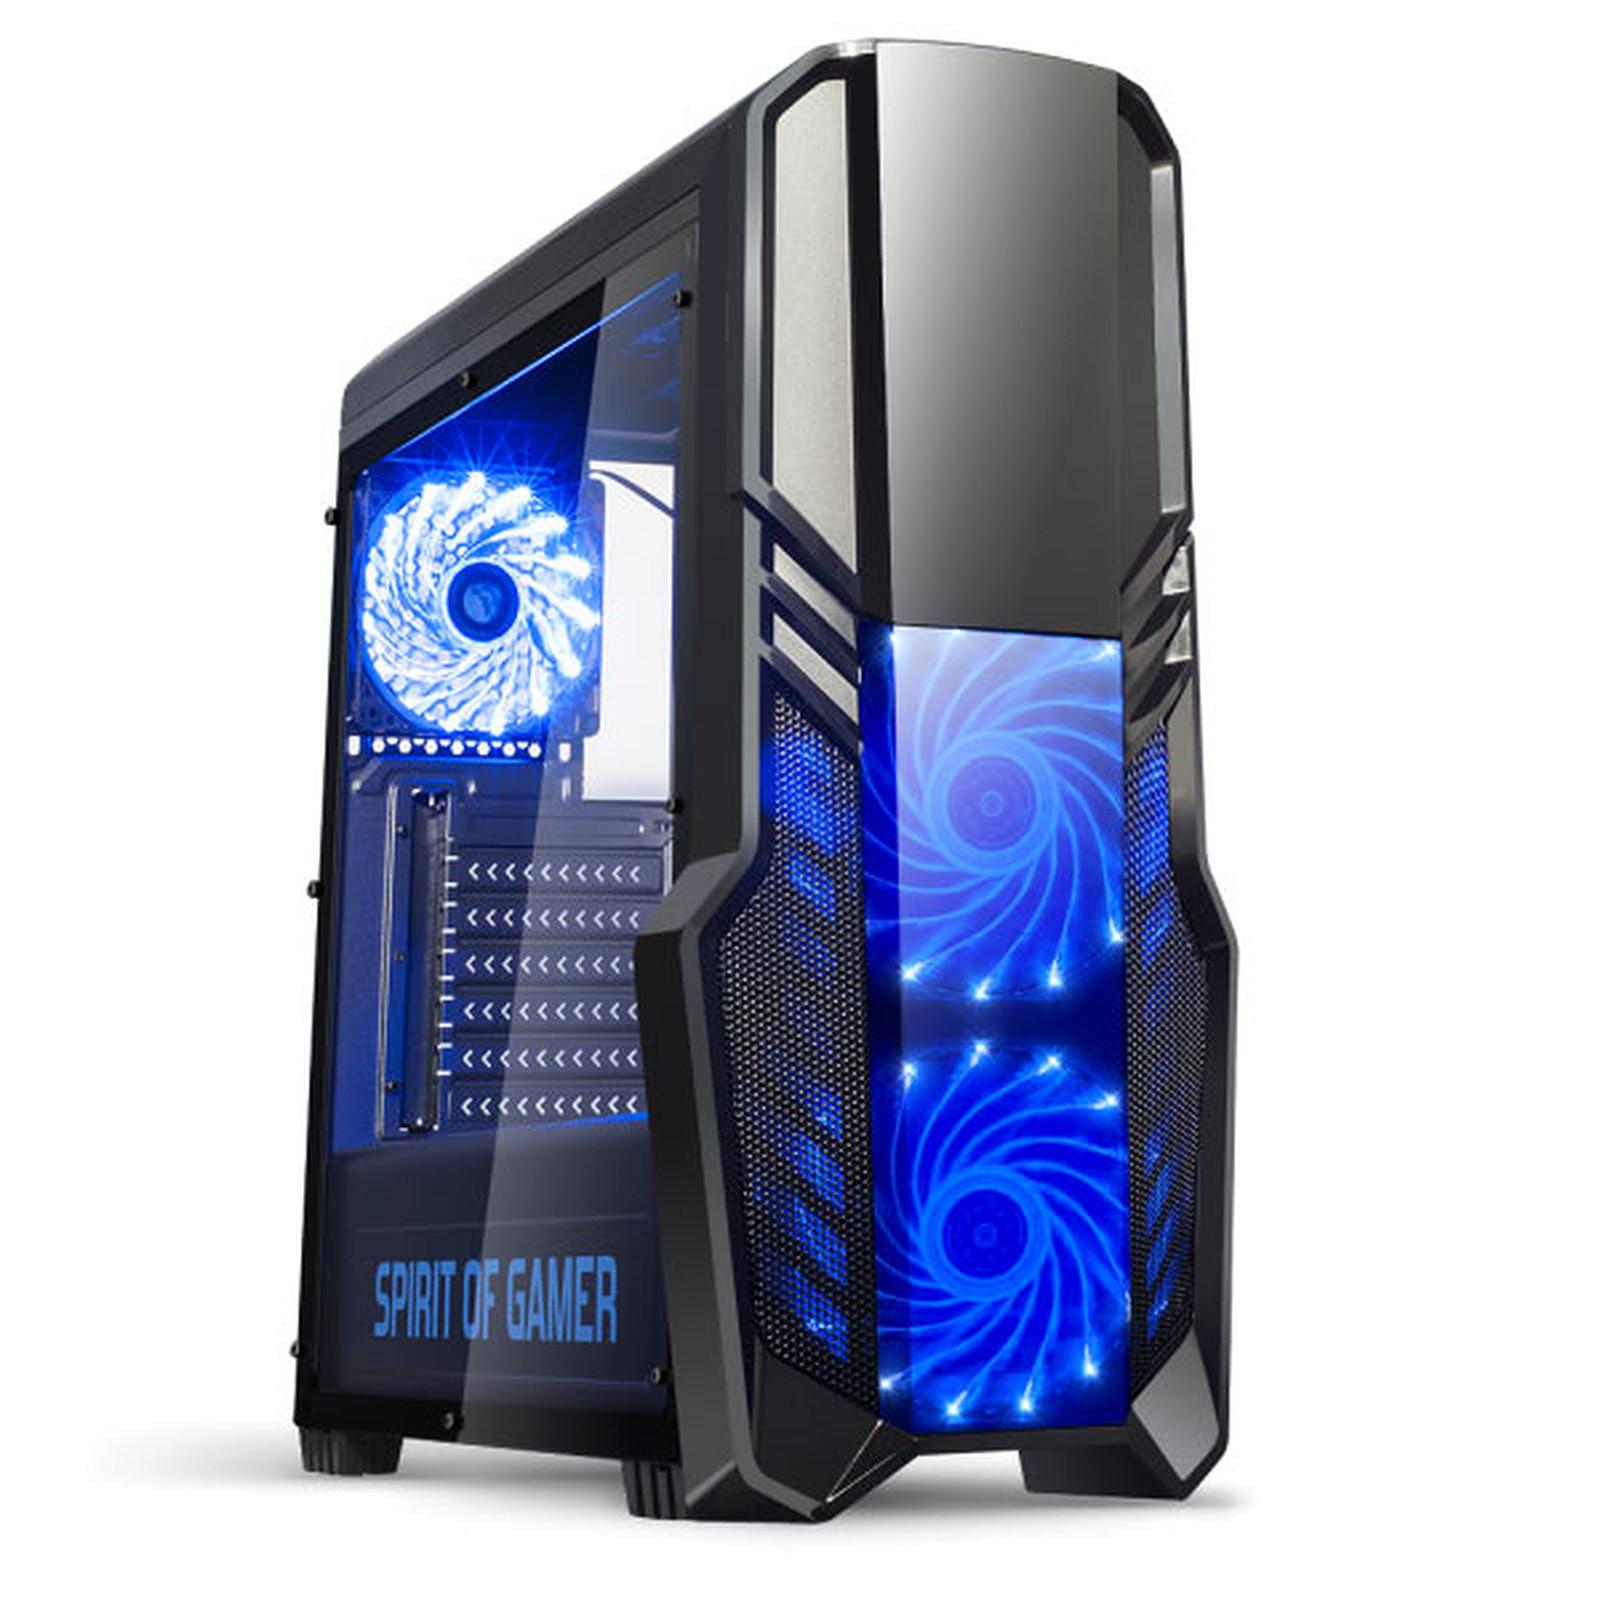 Spirit of Gamer Rogue II (Bleu)